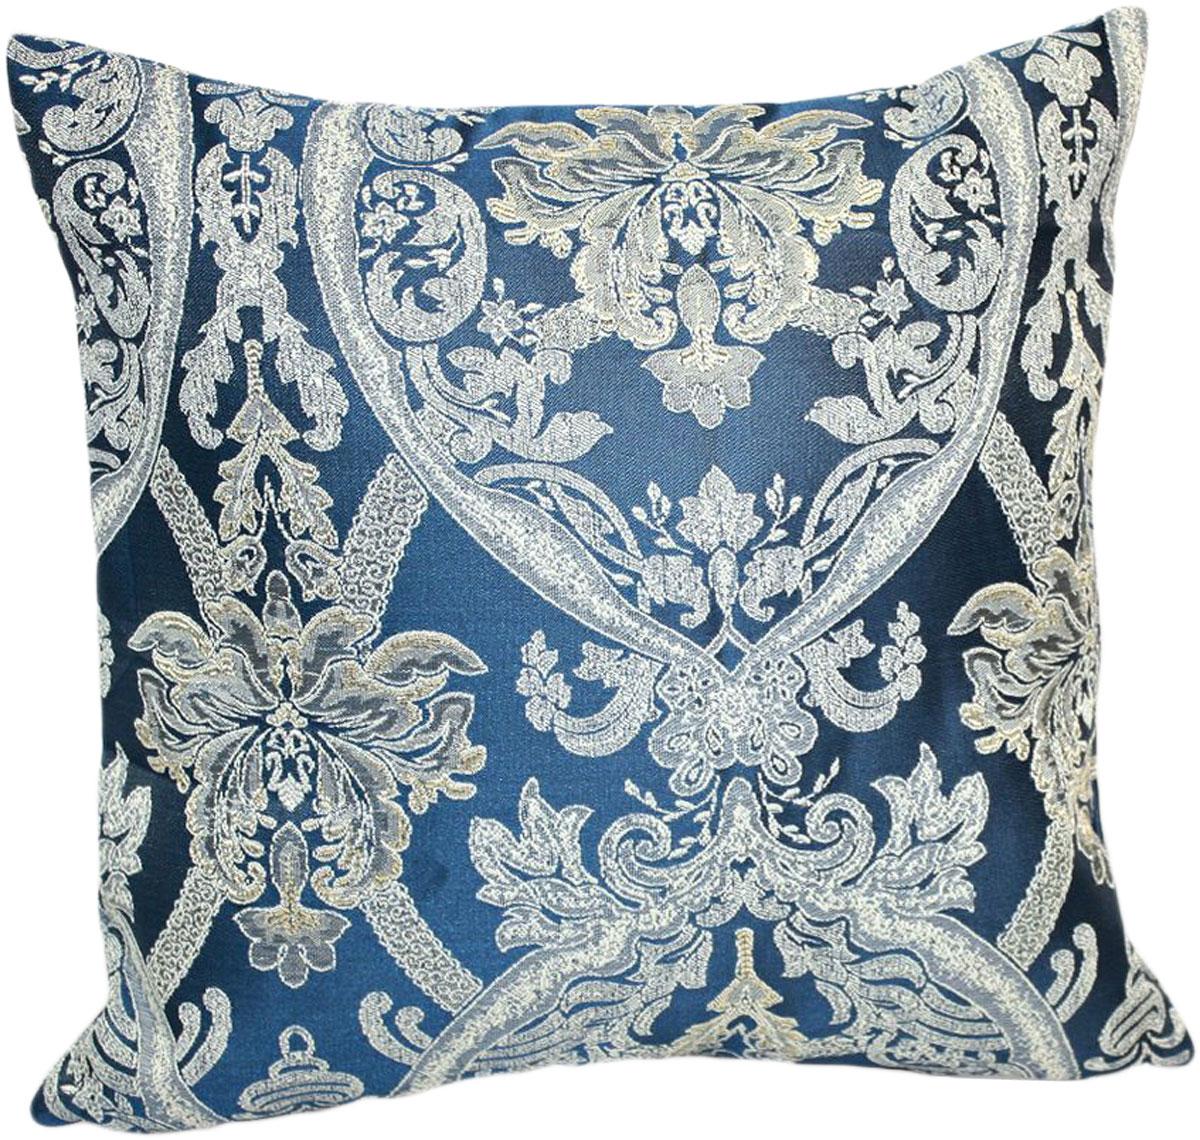 Подушка декоративная KauffOrt Мауритани, цвет: синий, 40 x 40 см подушка декоративная kauffort мауритани цвет бежевый 40 x 40 см